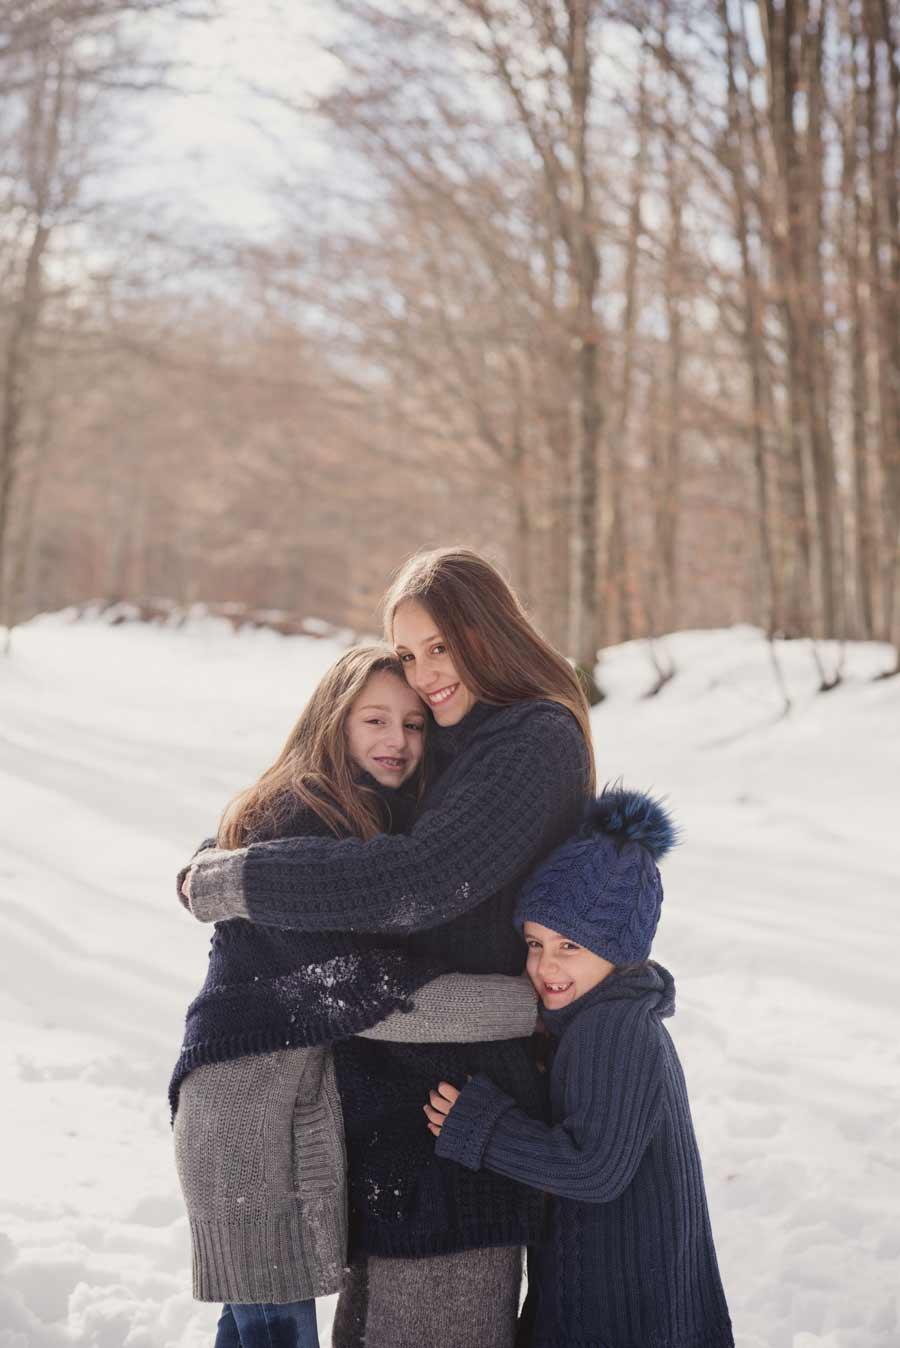 foto bambini e famiglie la spezia gabriele zani neve sorrisi abbracci